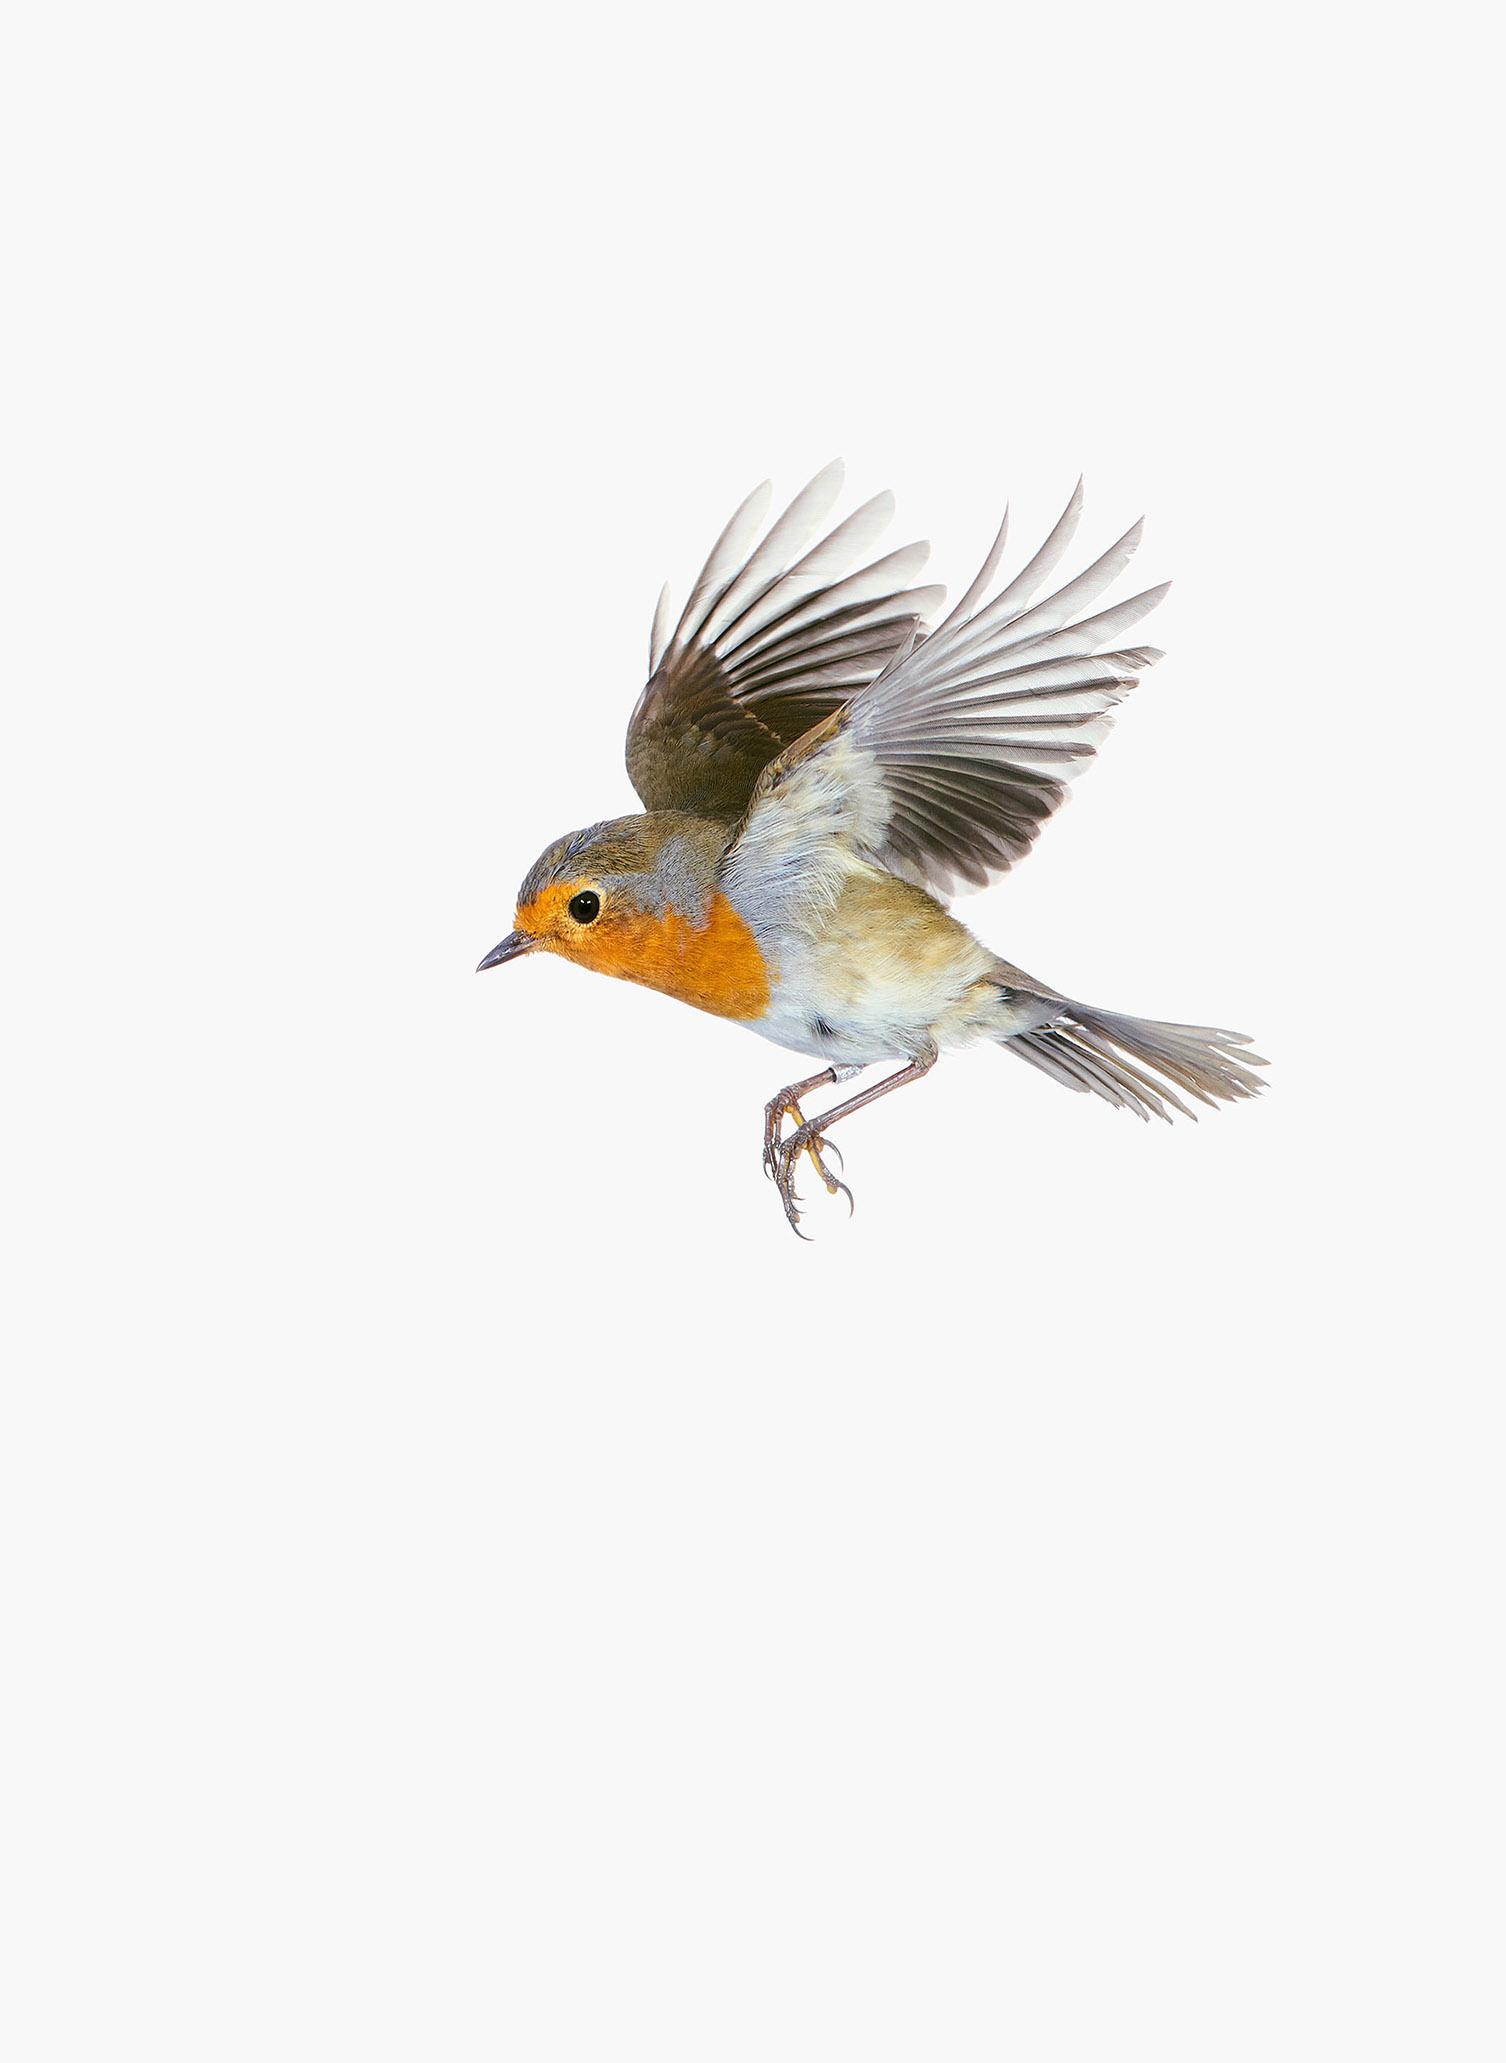 Erithacus_rubecula-in-flight